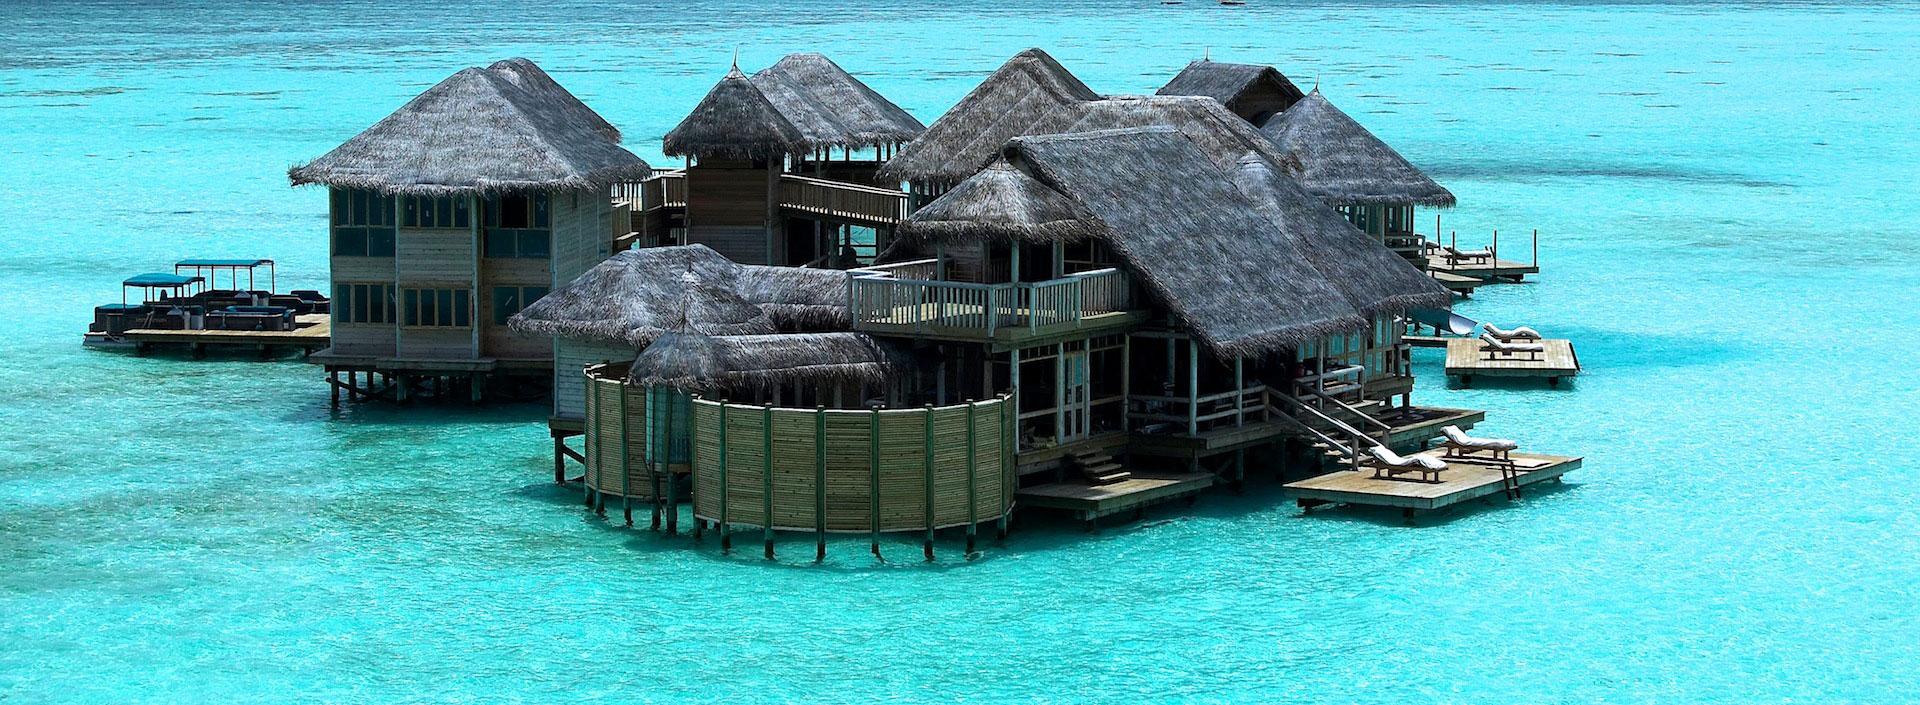 Gili-Lankanfushi-081